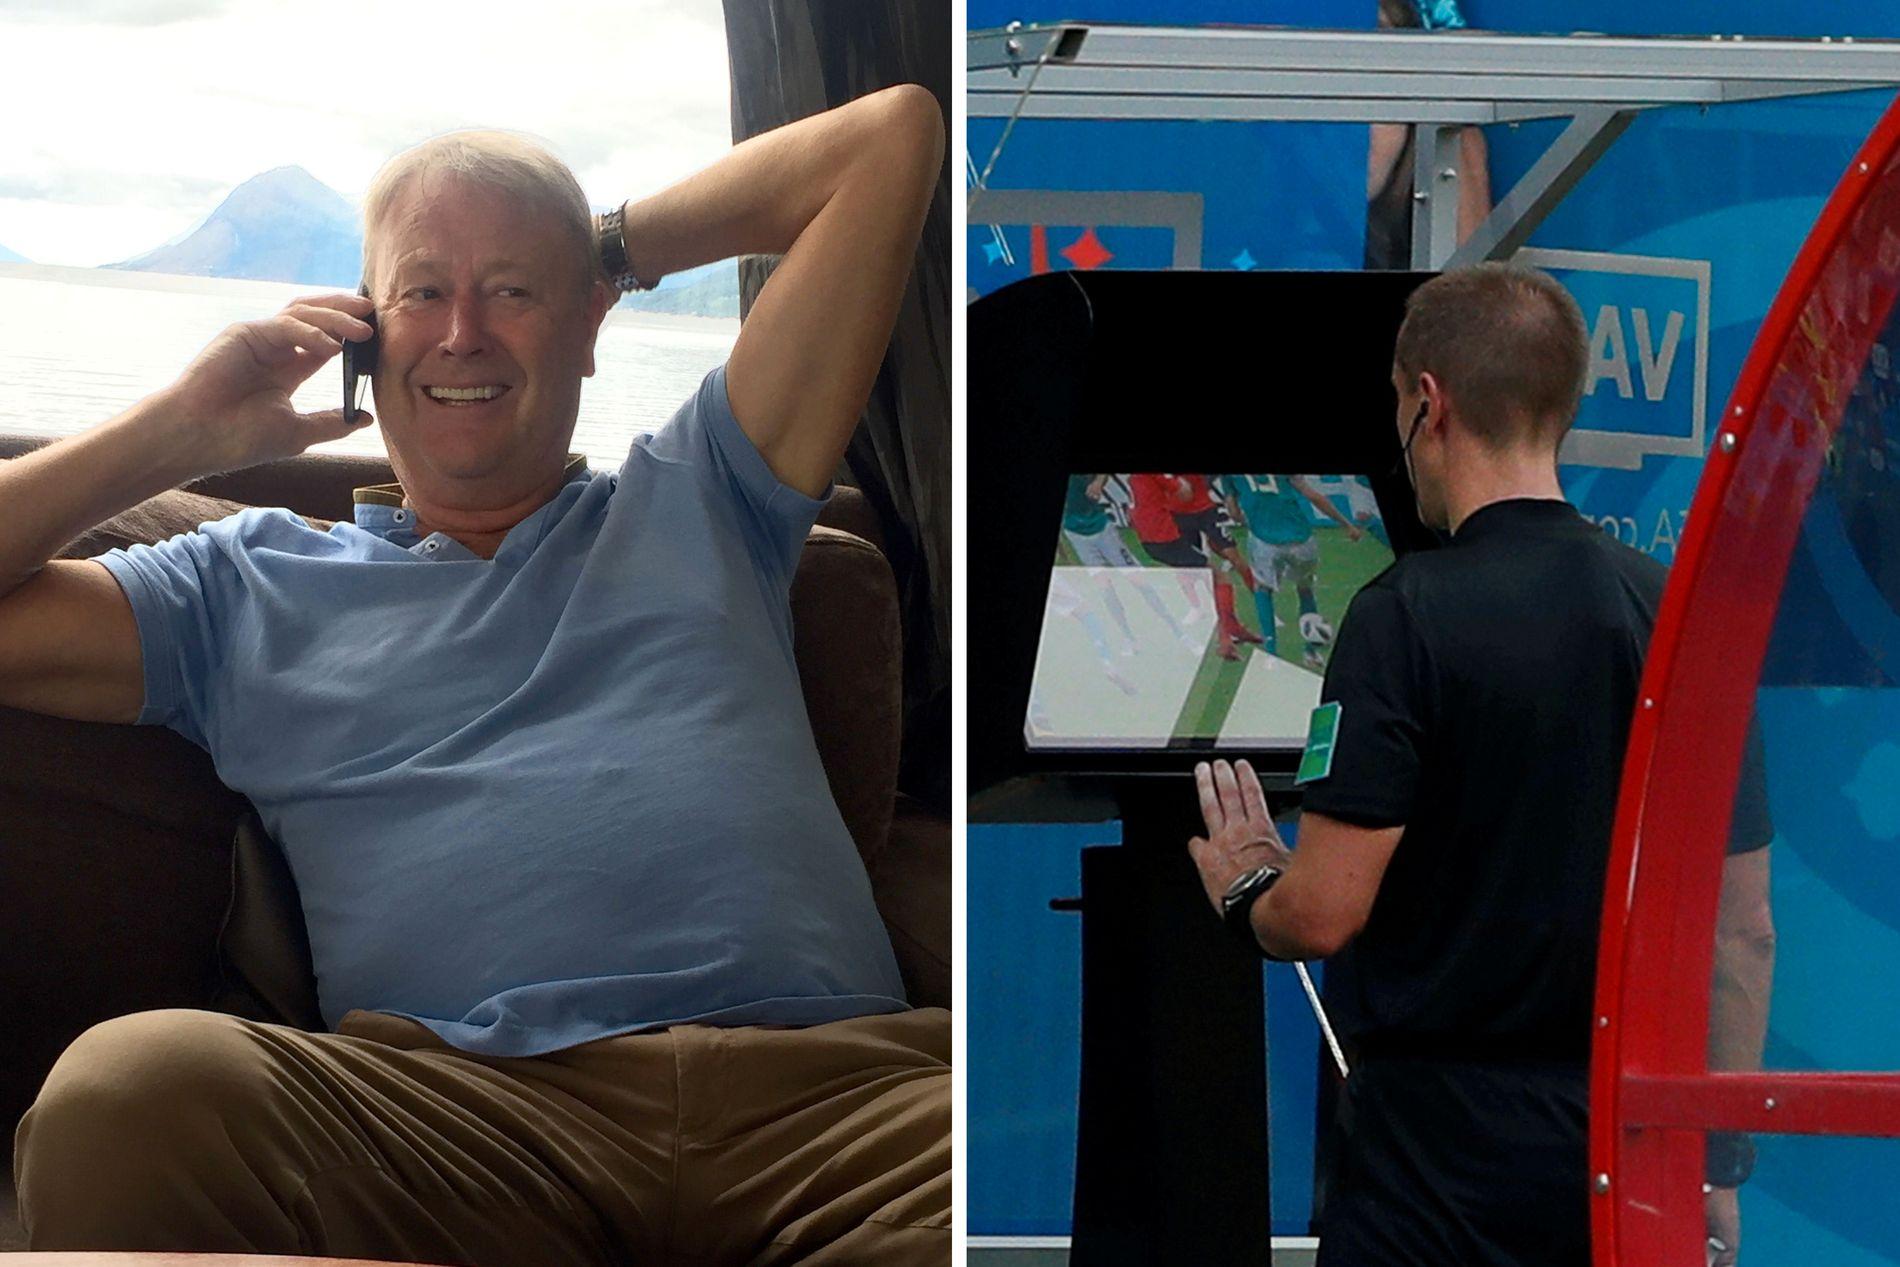 OPPTATT MANN: Åge Hareide er for lengst igang med forberedelsene til EM-kvalifiseringen, Nations League, som starter om to uker. Her er dommer Mark Geiger under kampen mellom Sør-Korea og Tyskland i VM.